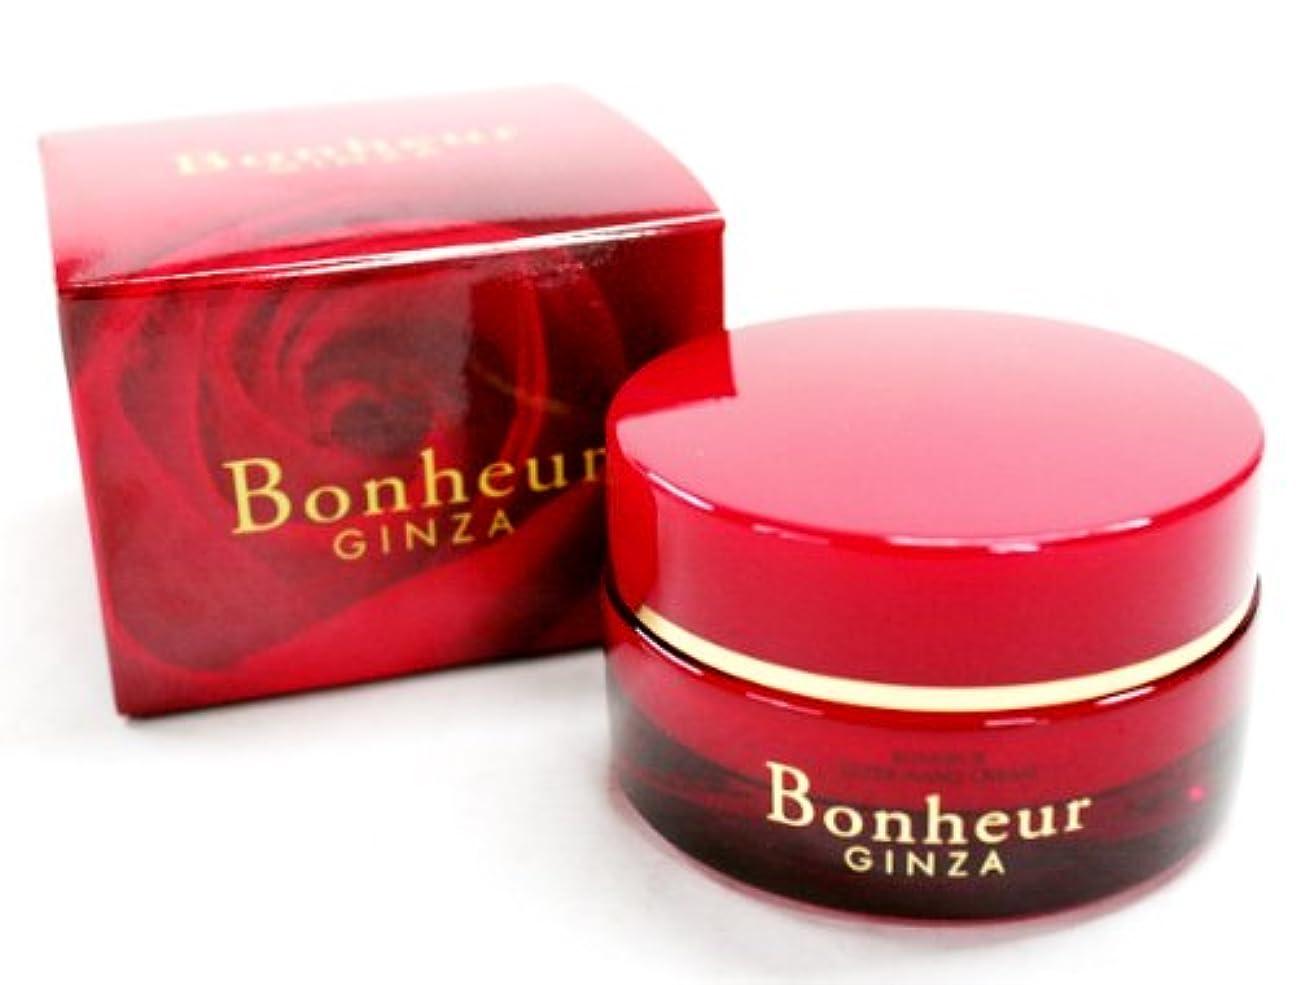 Bonheur GINZA ボヌール スーパーナノクリーム 30g (こちらの商品の内訳は『1点』のみ)